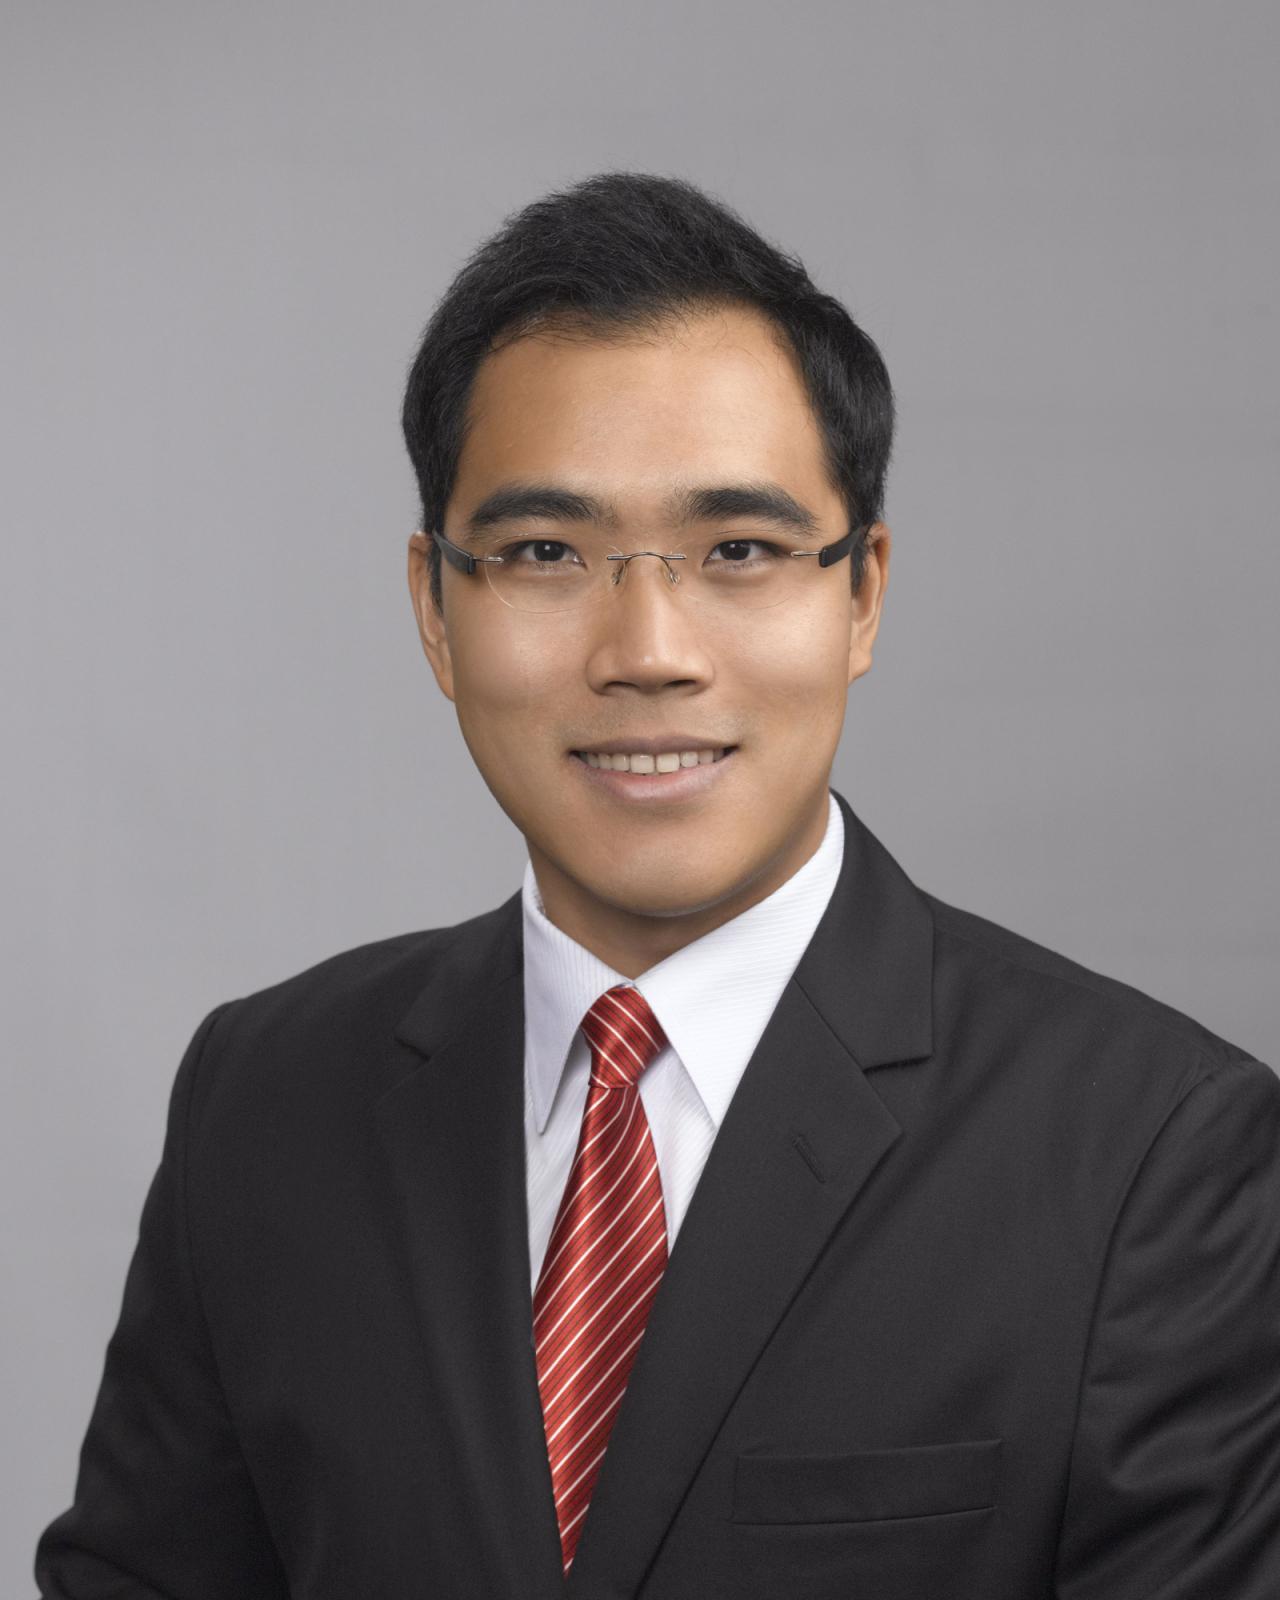 Shawn Ho